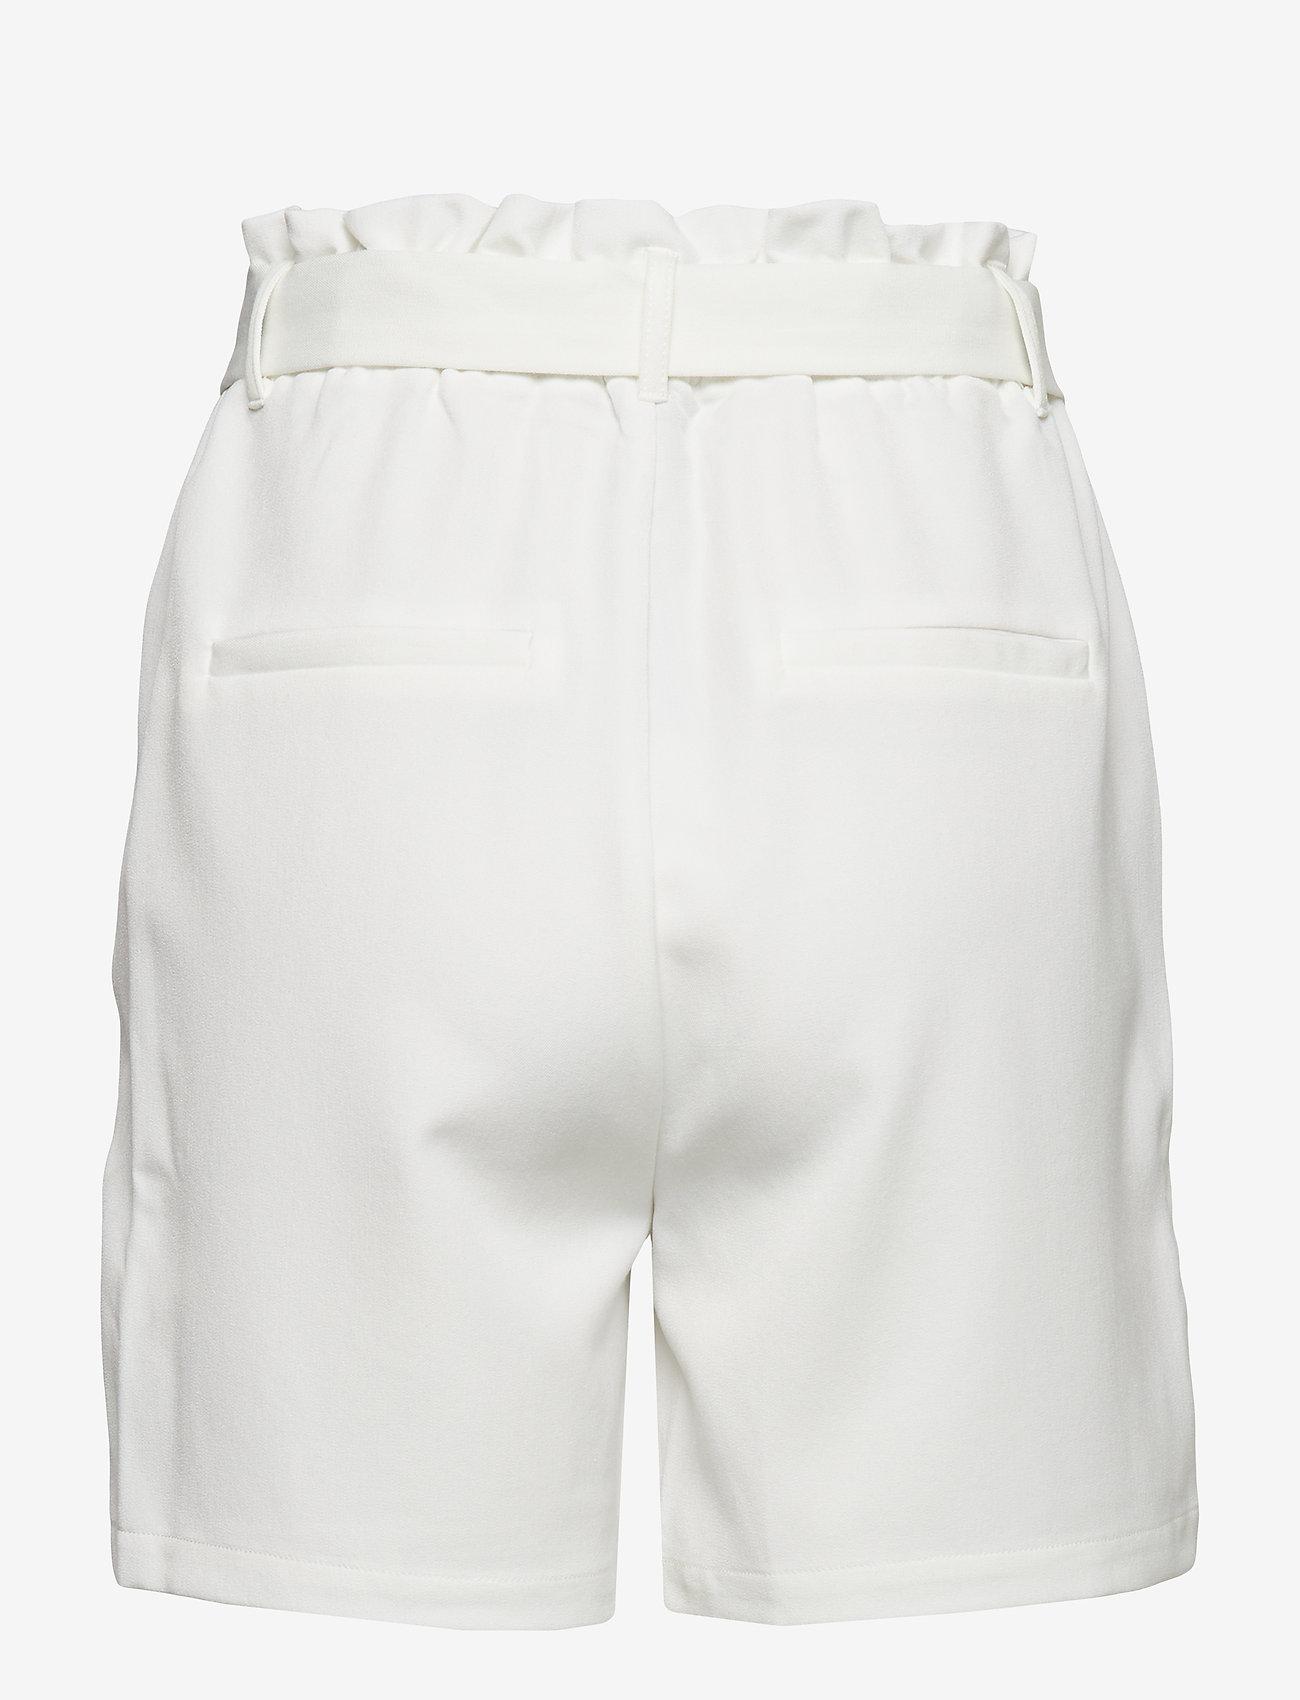 Minimum feldus - Szorty BROKEN WHITE - Kobiety Odzież.